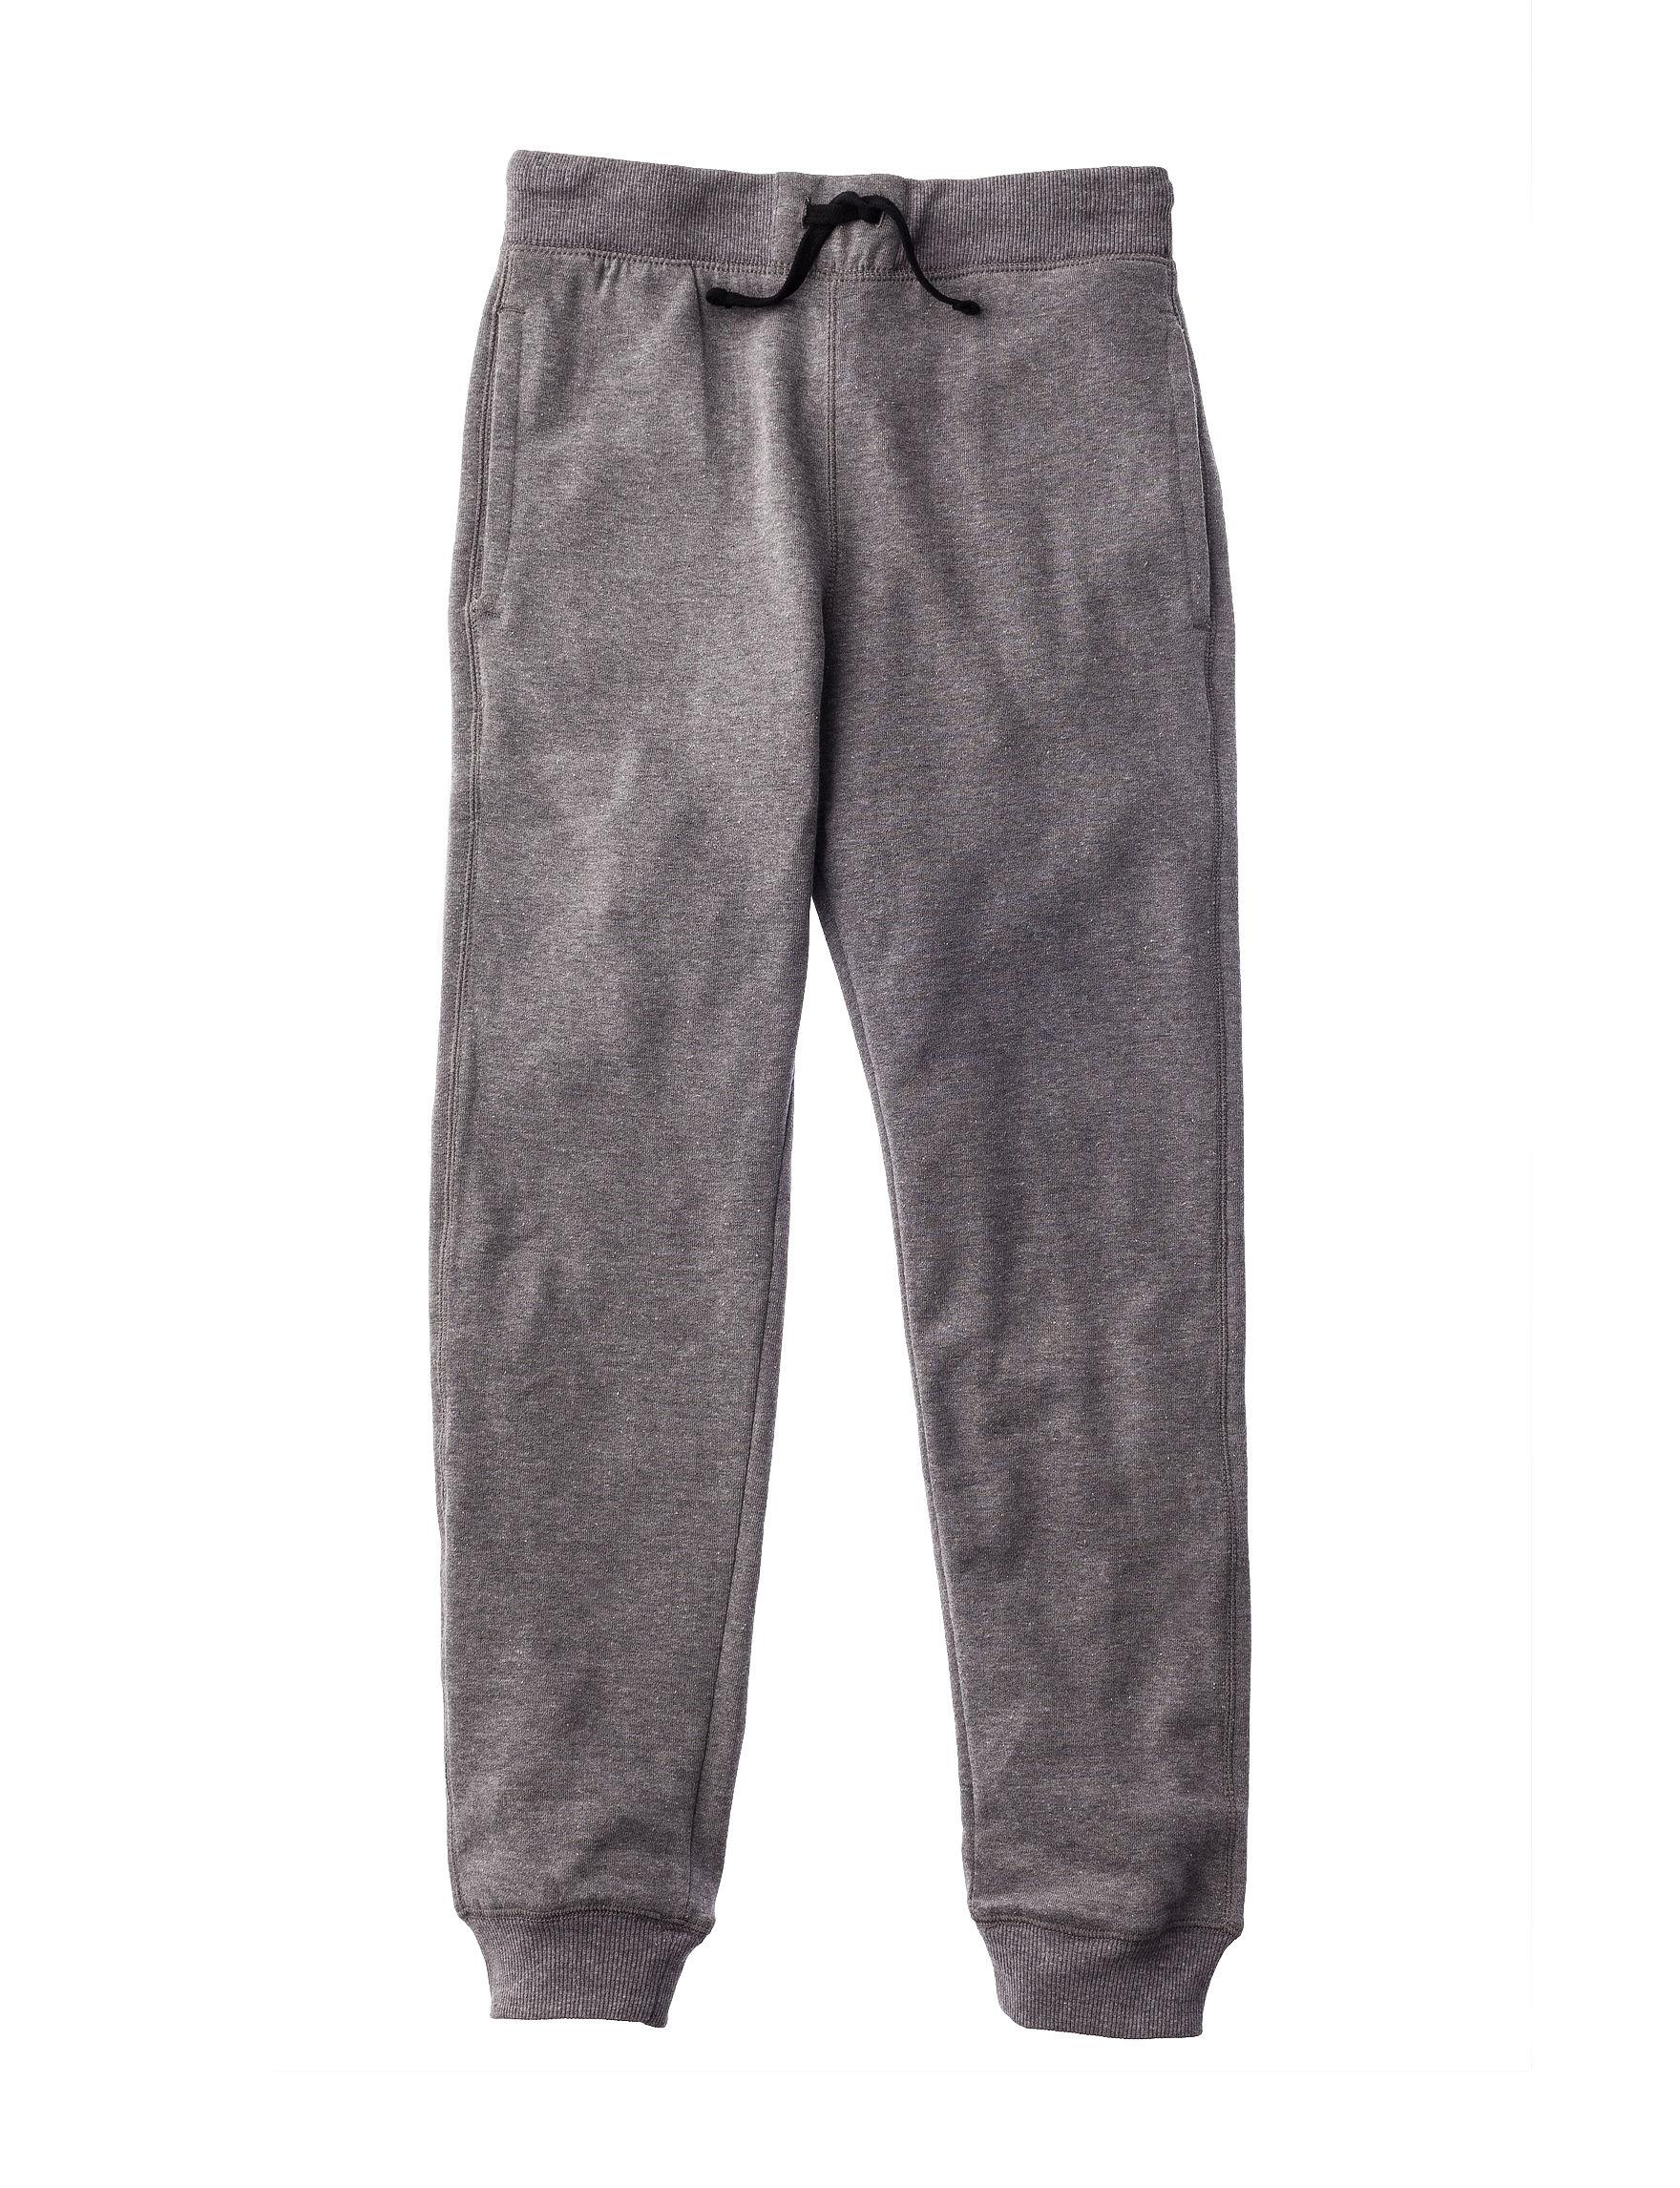 Rustic Blue Grey Soft Pants